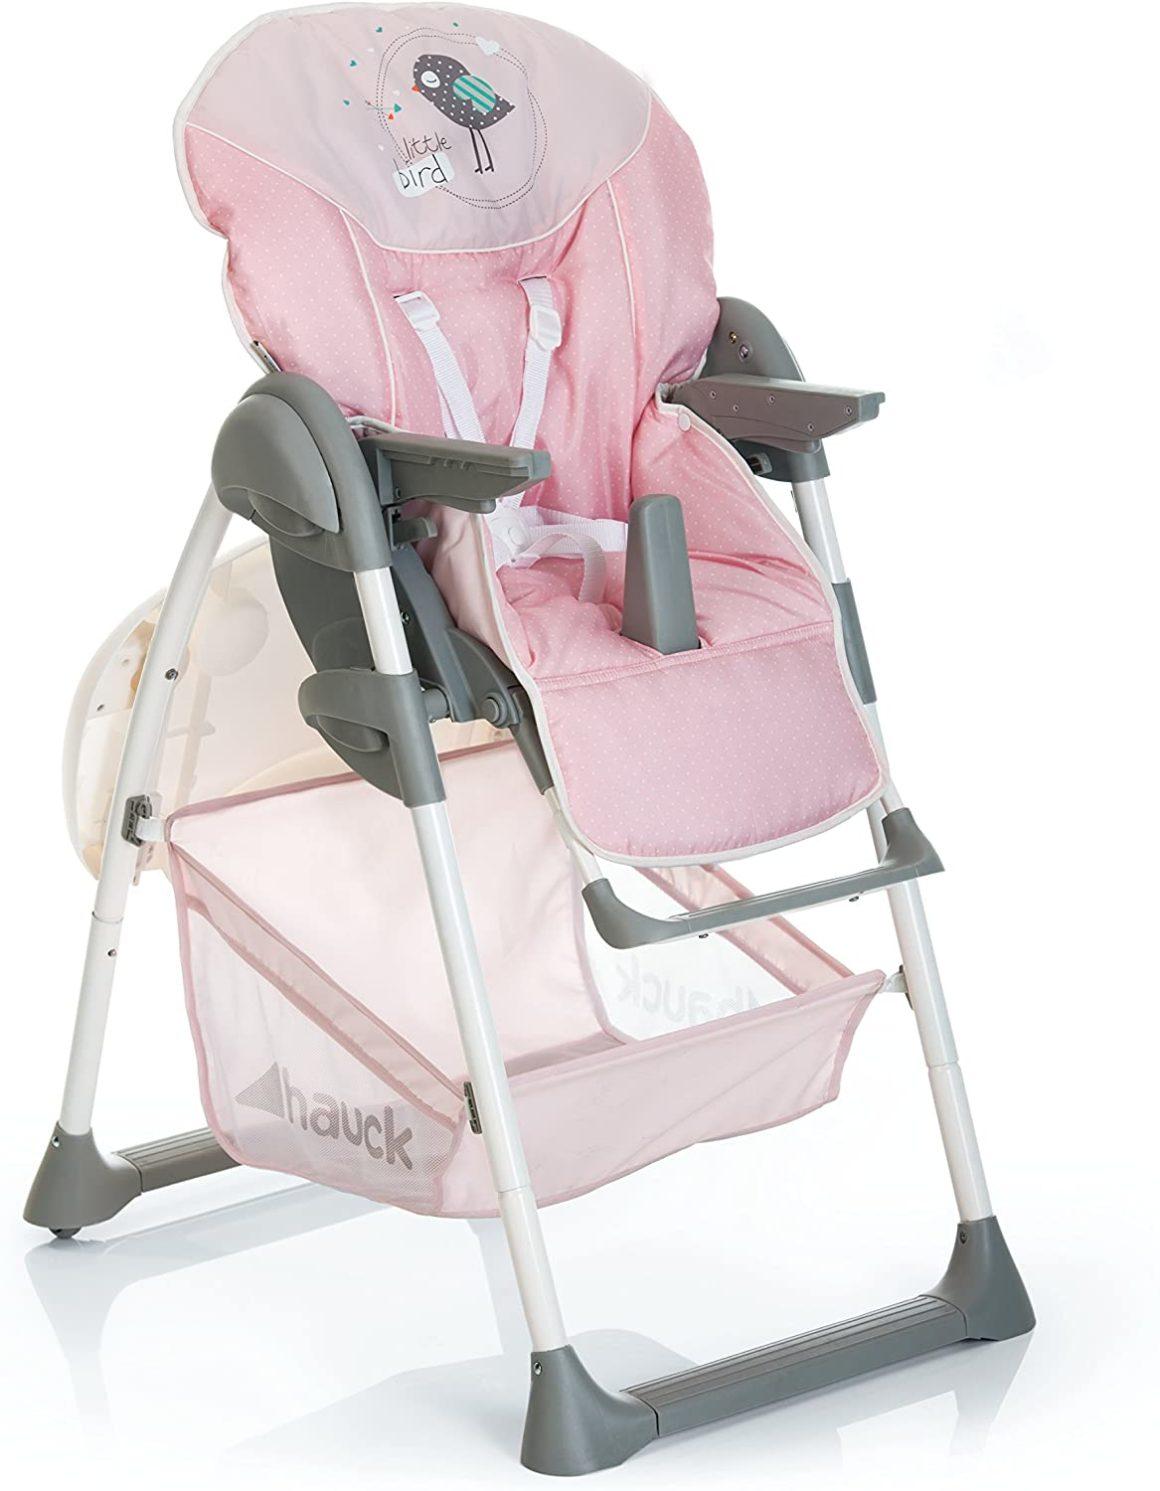 Chaise haute bébé 3en1 de Hauck